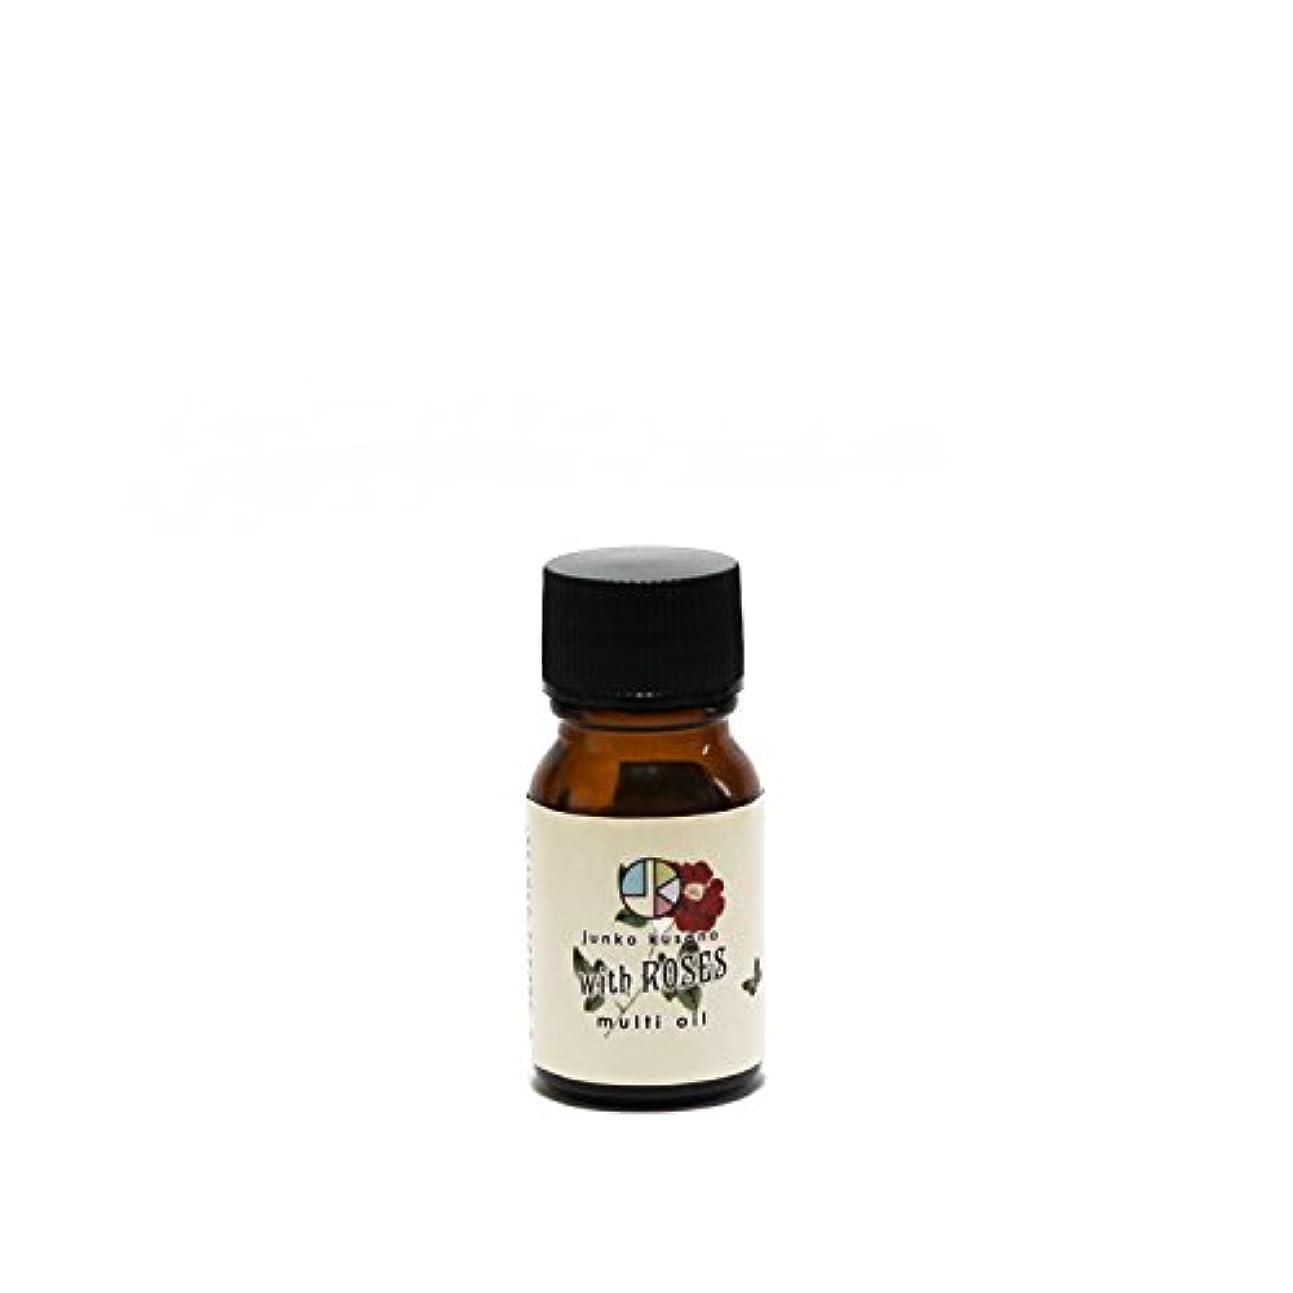 説明影サージjunko kusano multi oil with Roses mini マルチオイルwithローズ ミニボトル10ml